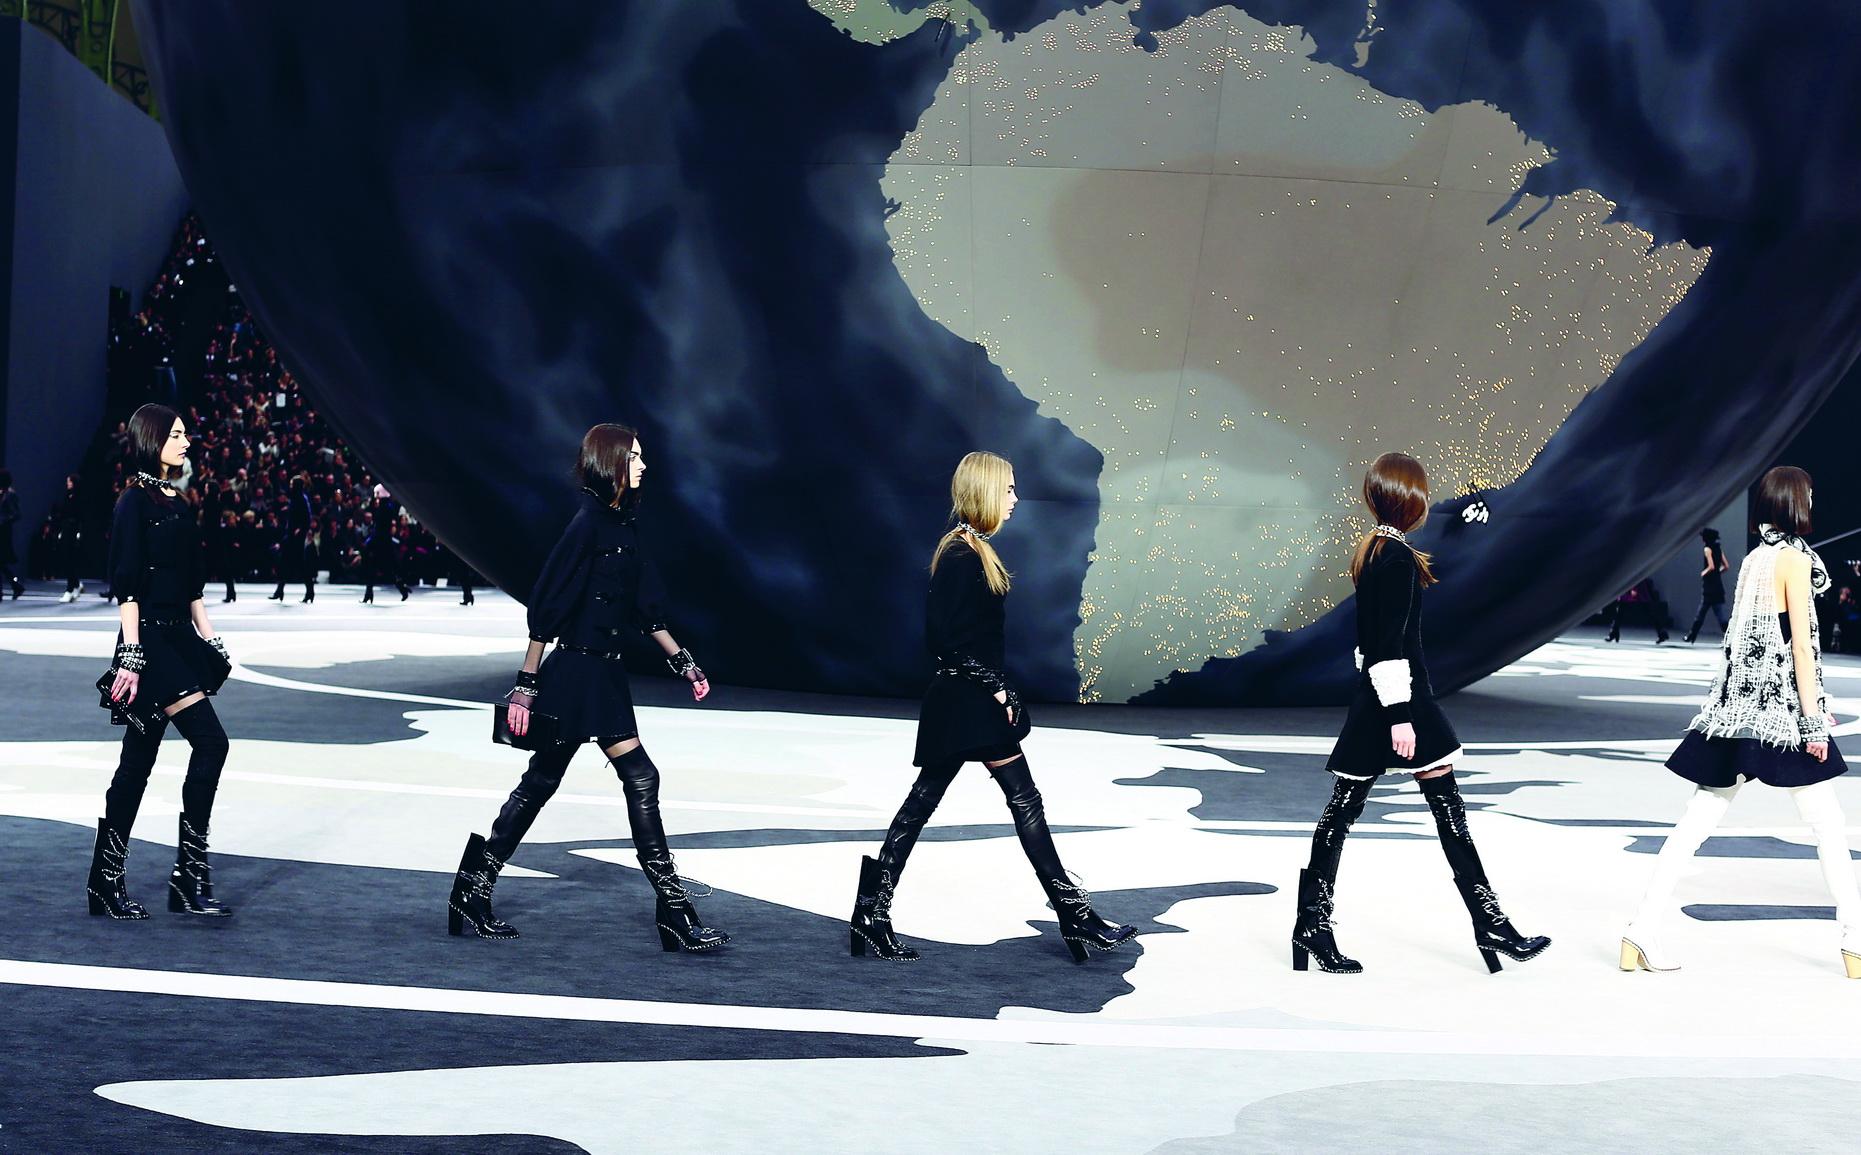 """Chanel<br/>Karl Lagerfeld đã chọn quả địa cầu khổng lồ đặt trong lòng Grand Palais và nhạc nền """"Around The World"""" của Daft Punk để thể hiện ý tưởng"""